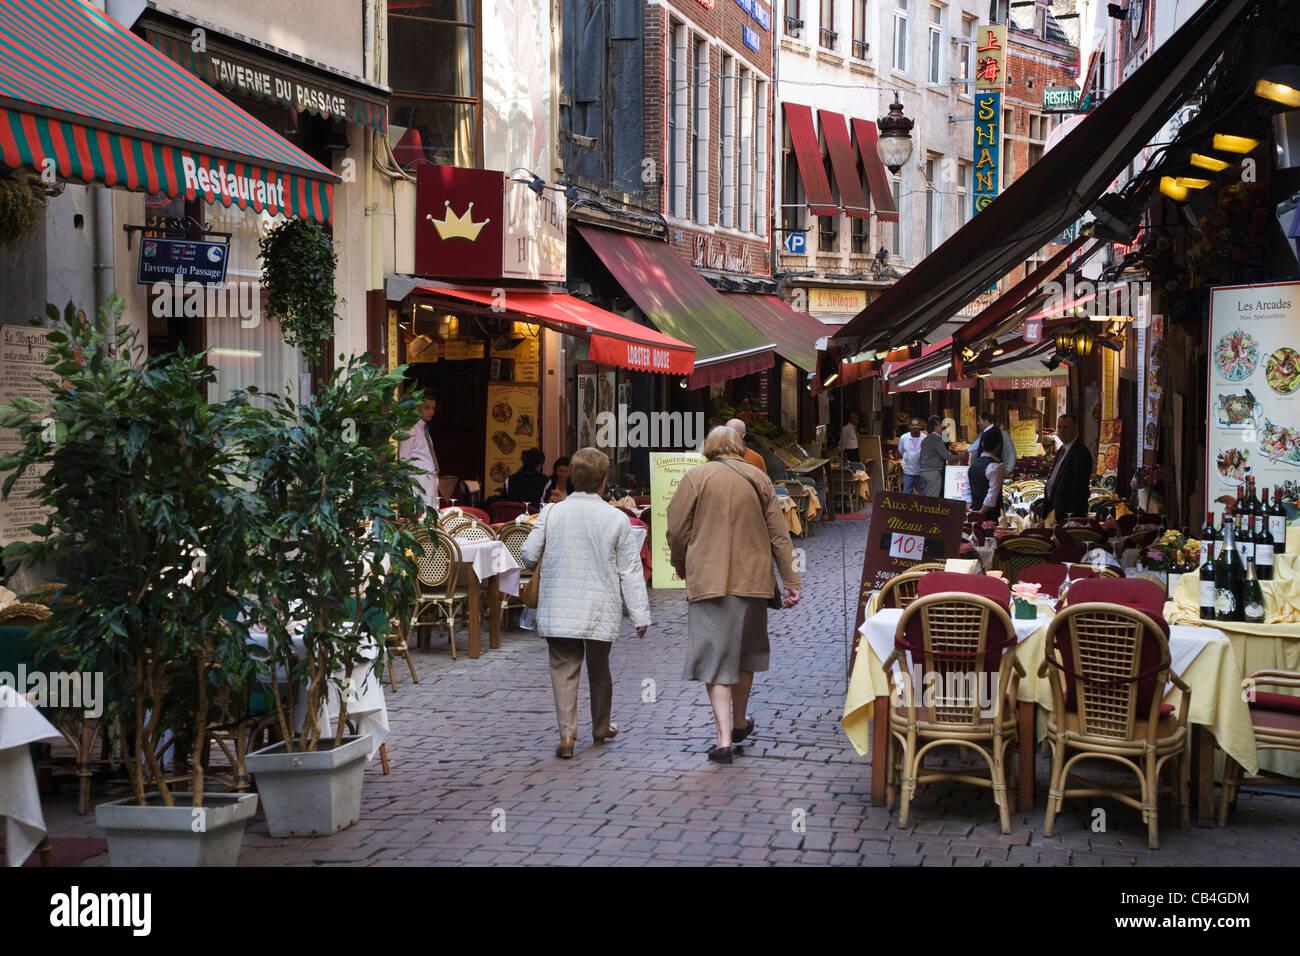 Restaurants in the Rue des Bouchers / Beenhouwersstraat / Butcher's street in Brussels, Belgium - Stock Image